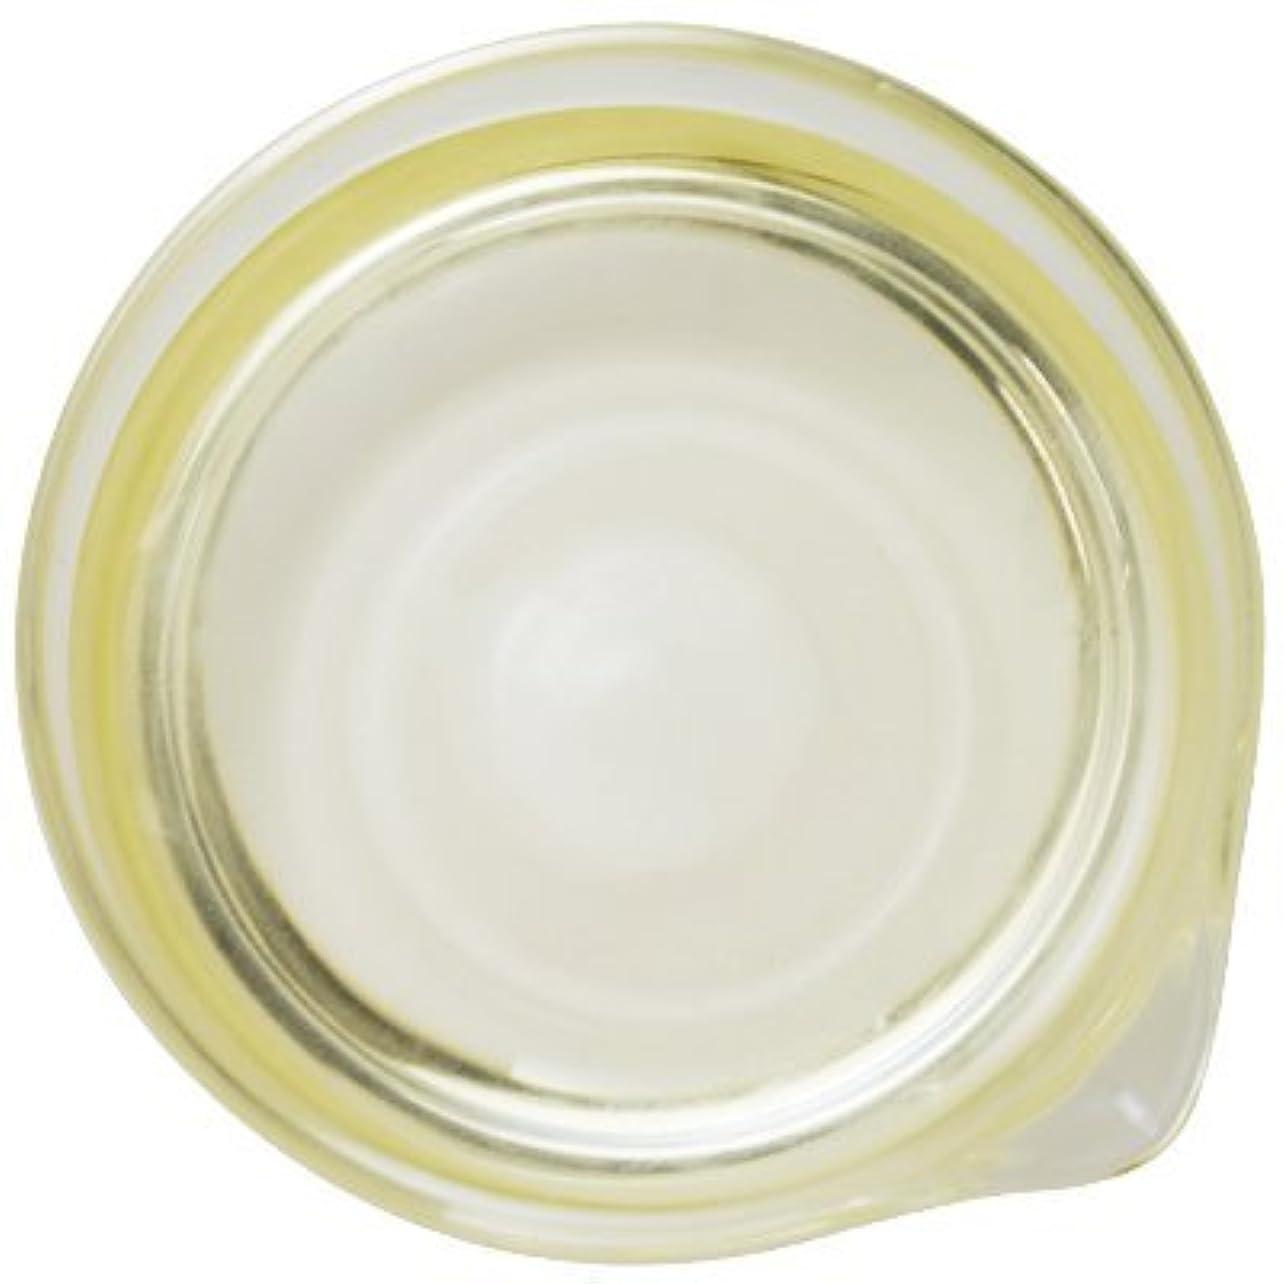 おいしいプロトタイプフルーティーセサミオイル 100ml [白ごま油]【手作り石鹸/手作りコスメ/ごま油】【birth】